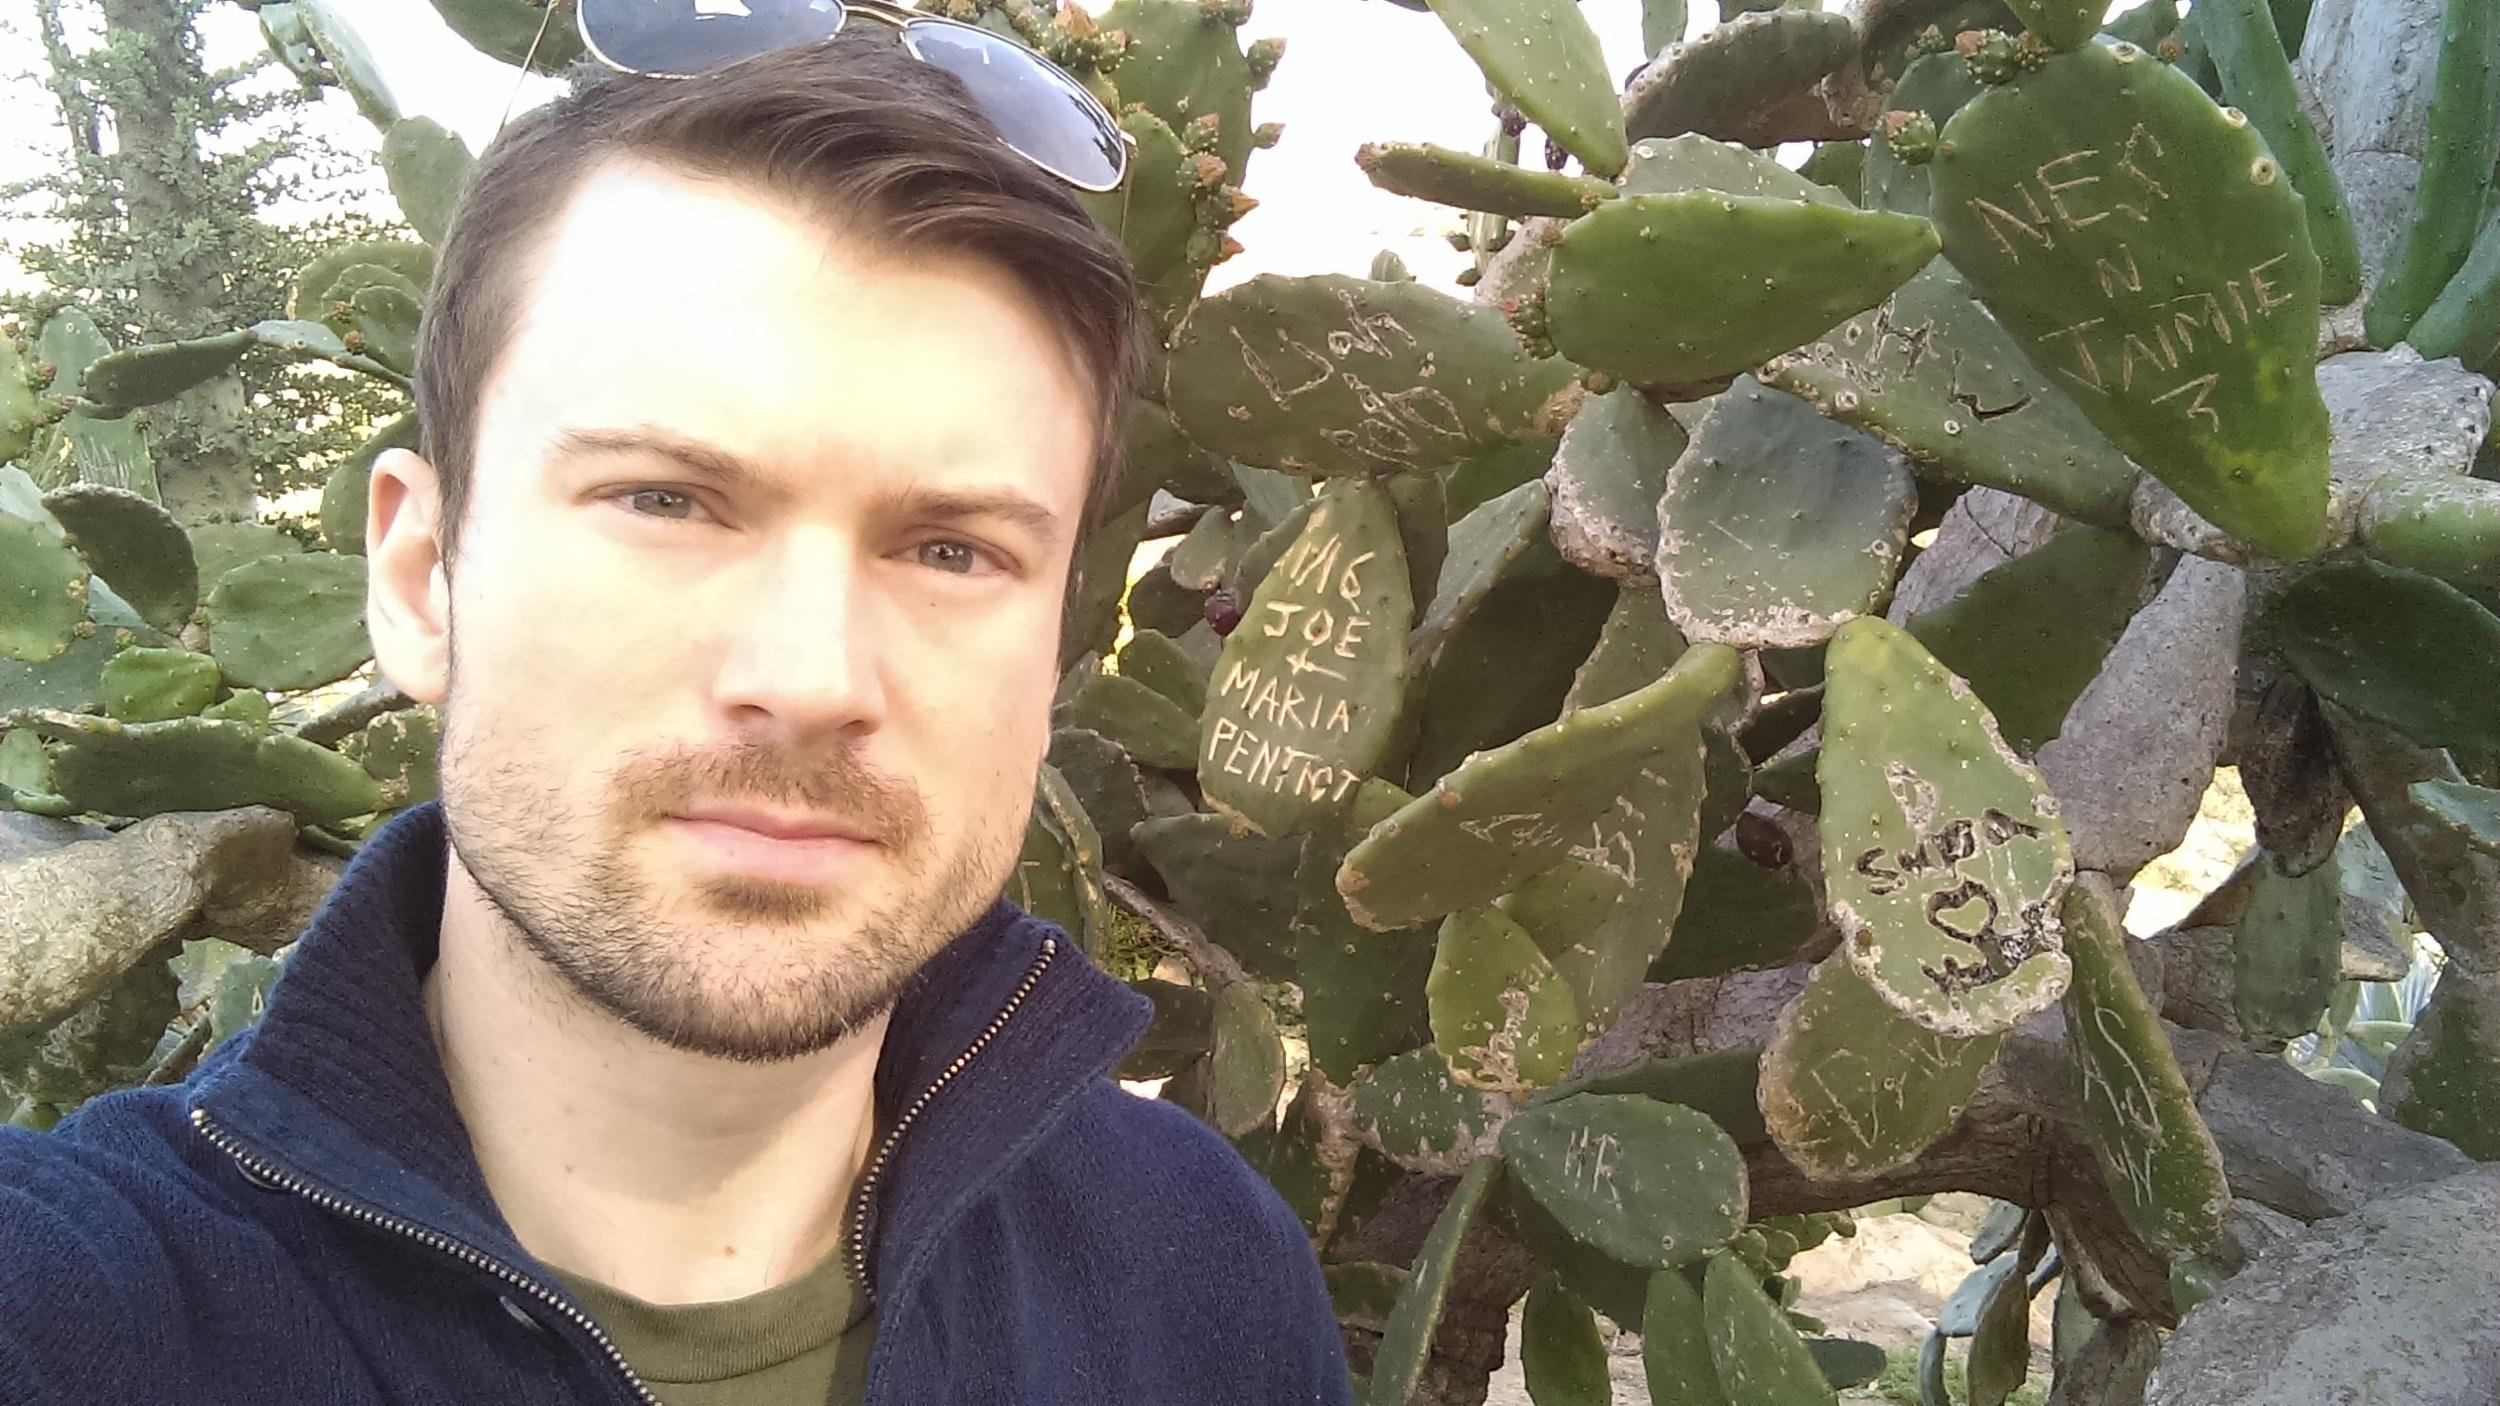 Stevko-San Diego-Love Cactus.jpg